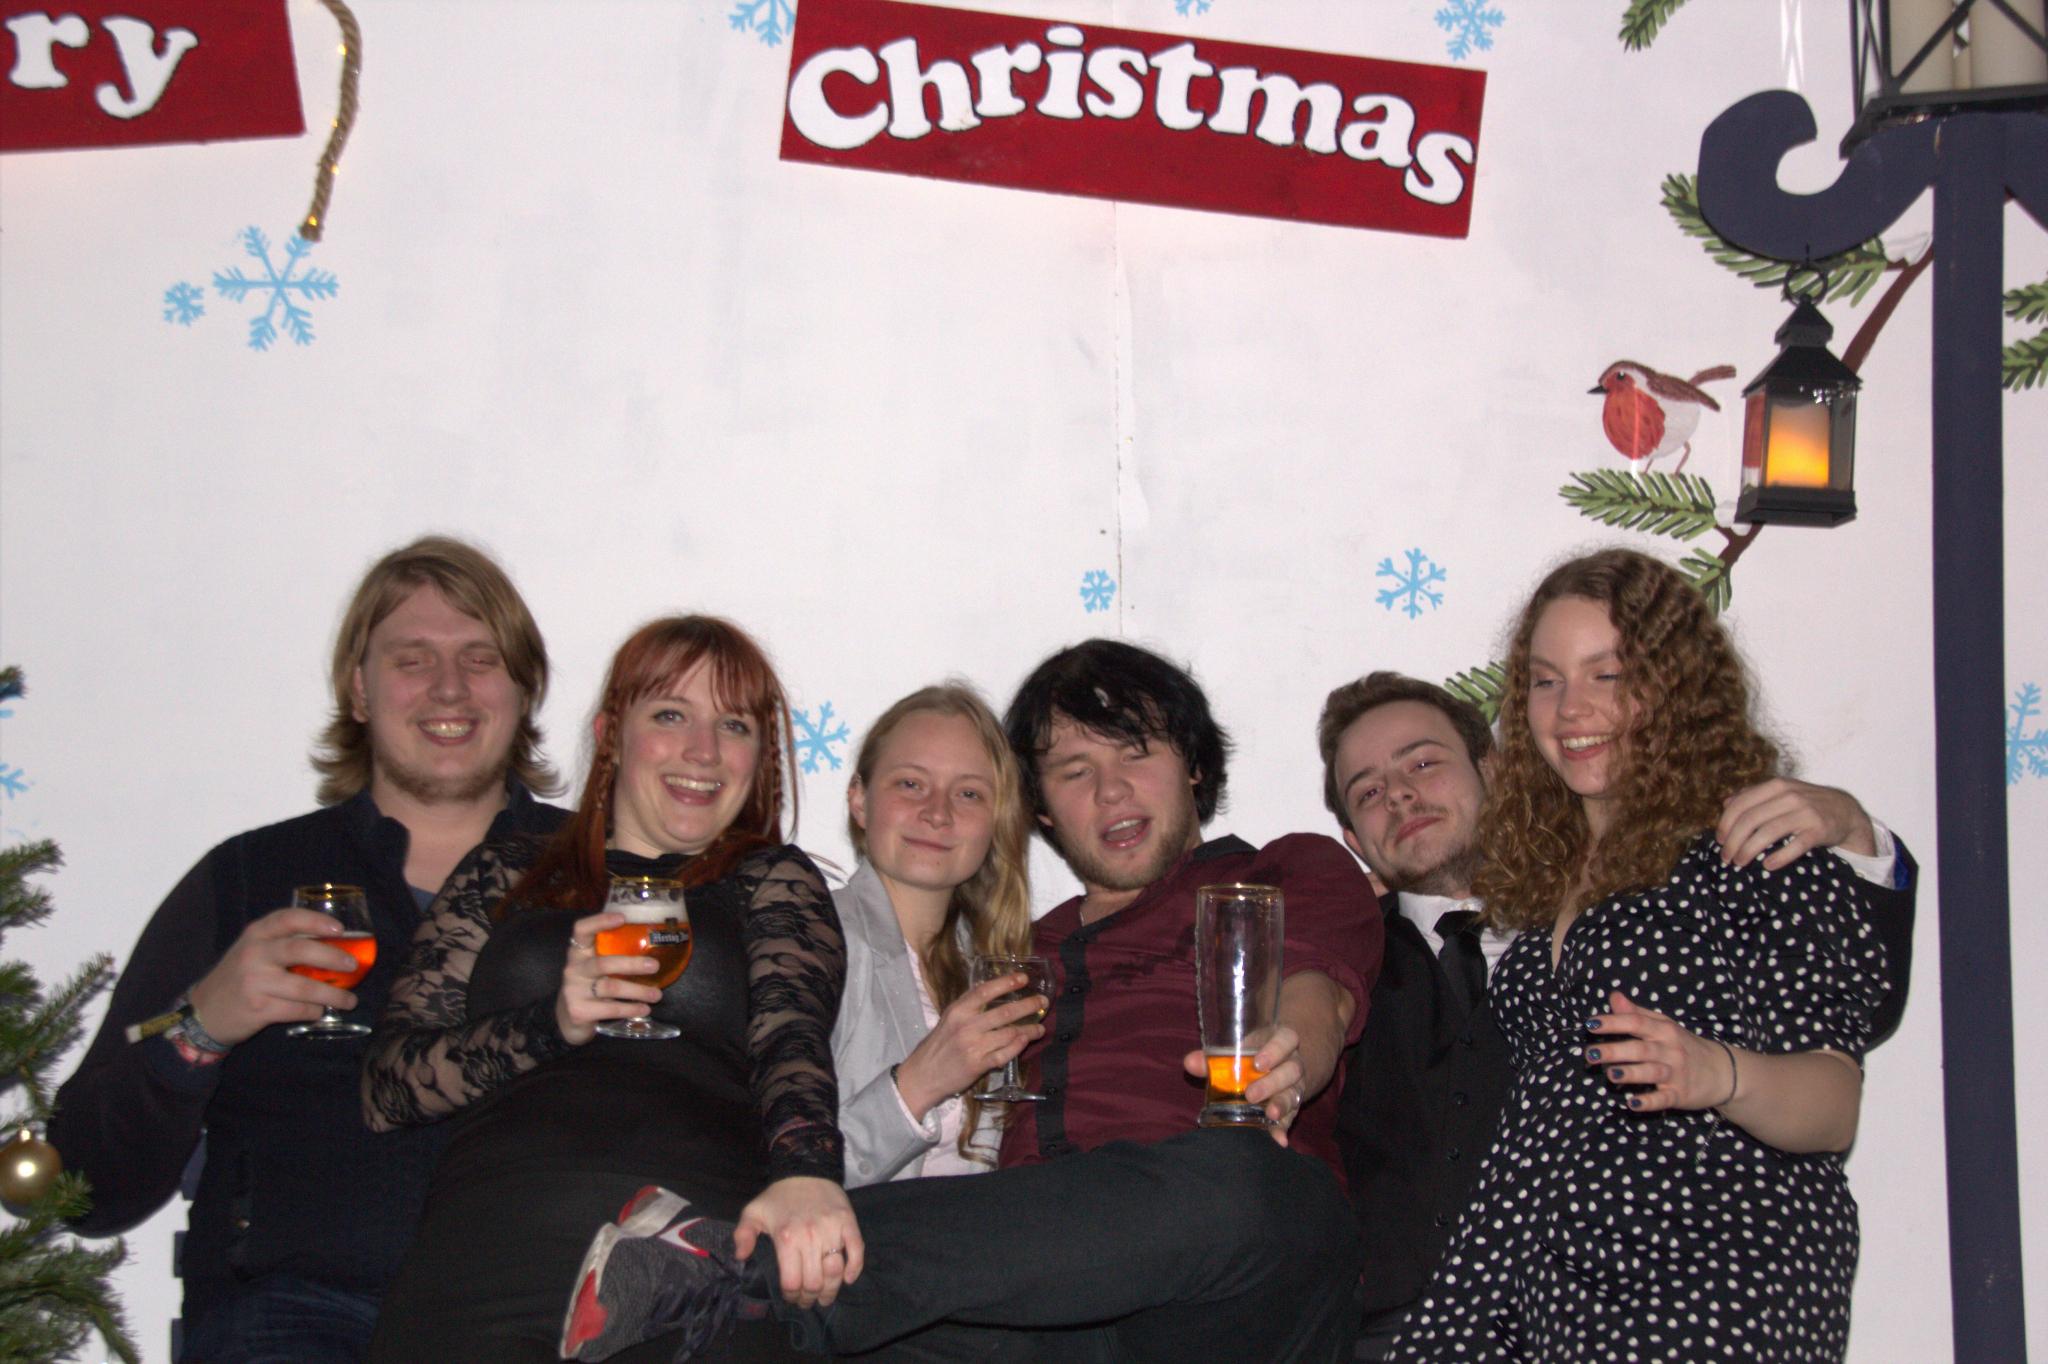 Kerstfeest_259